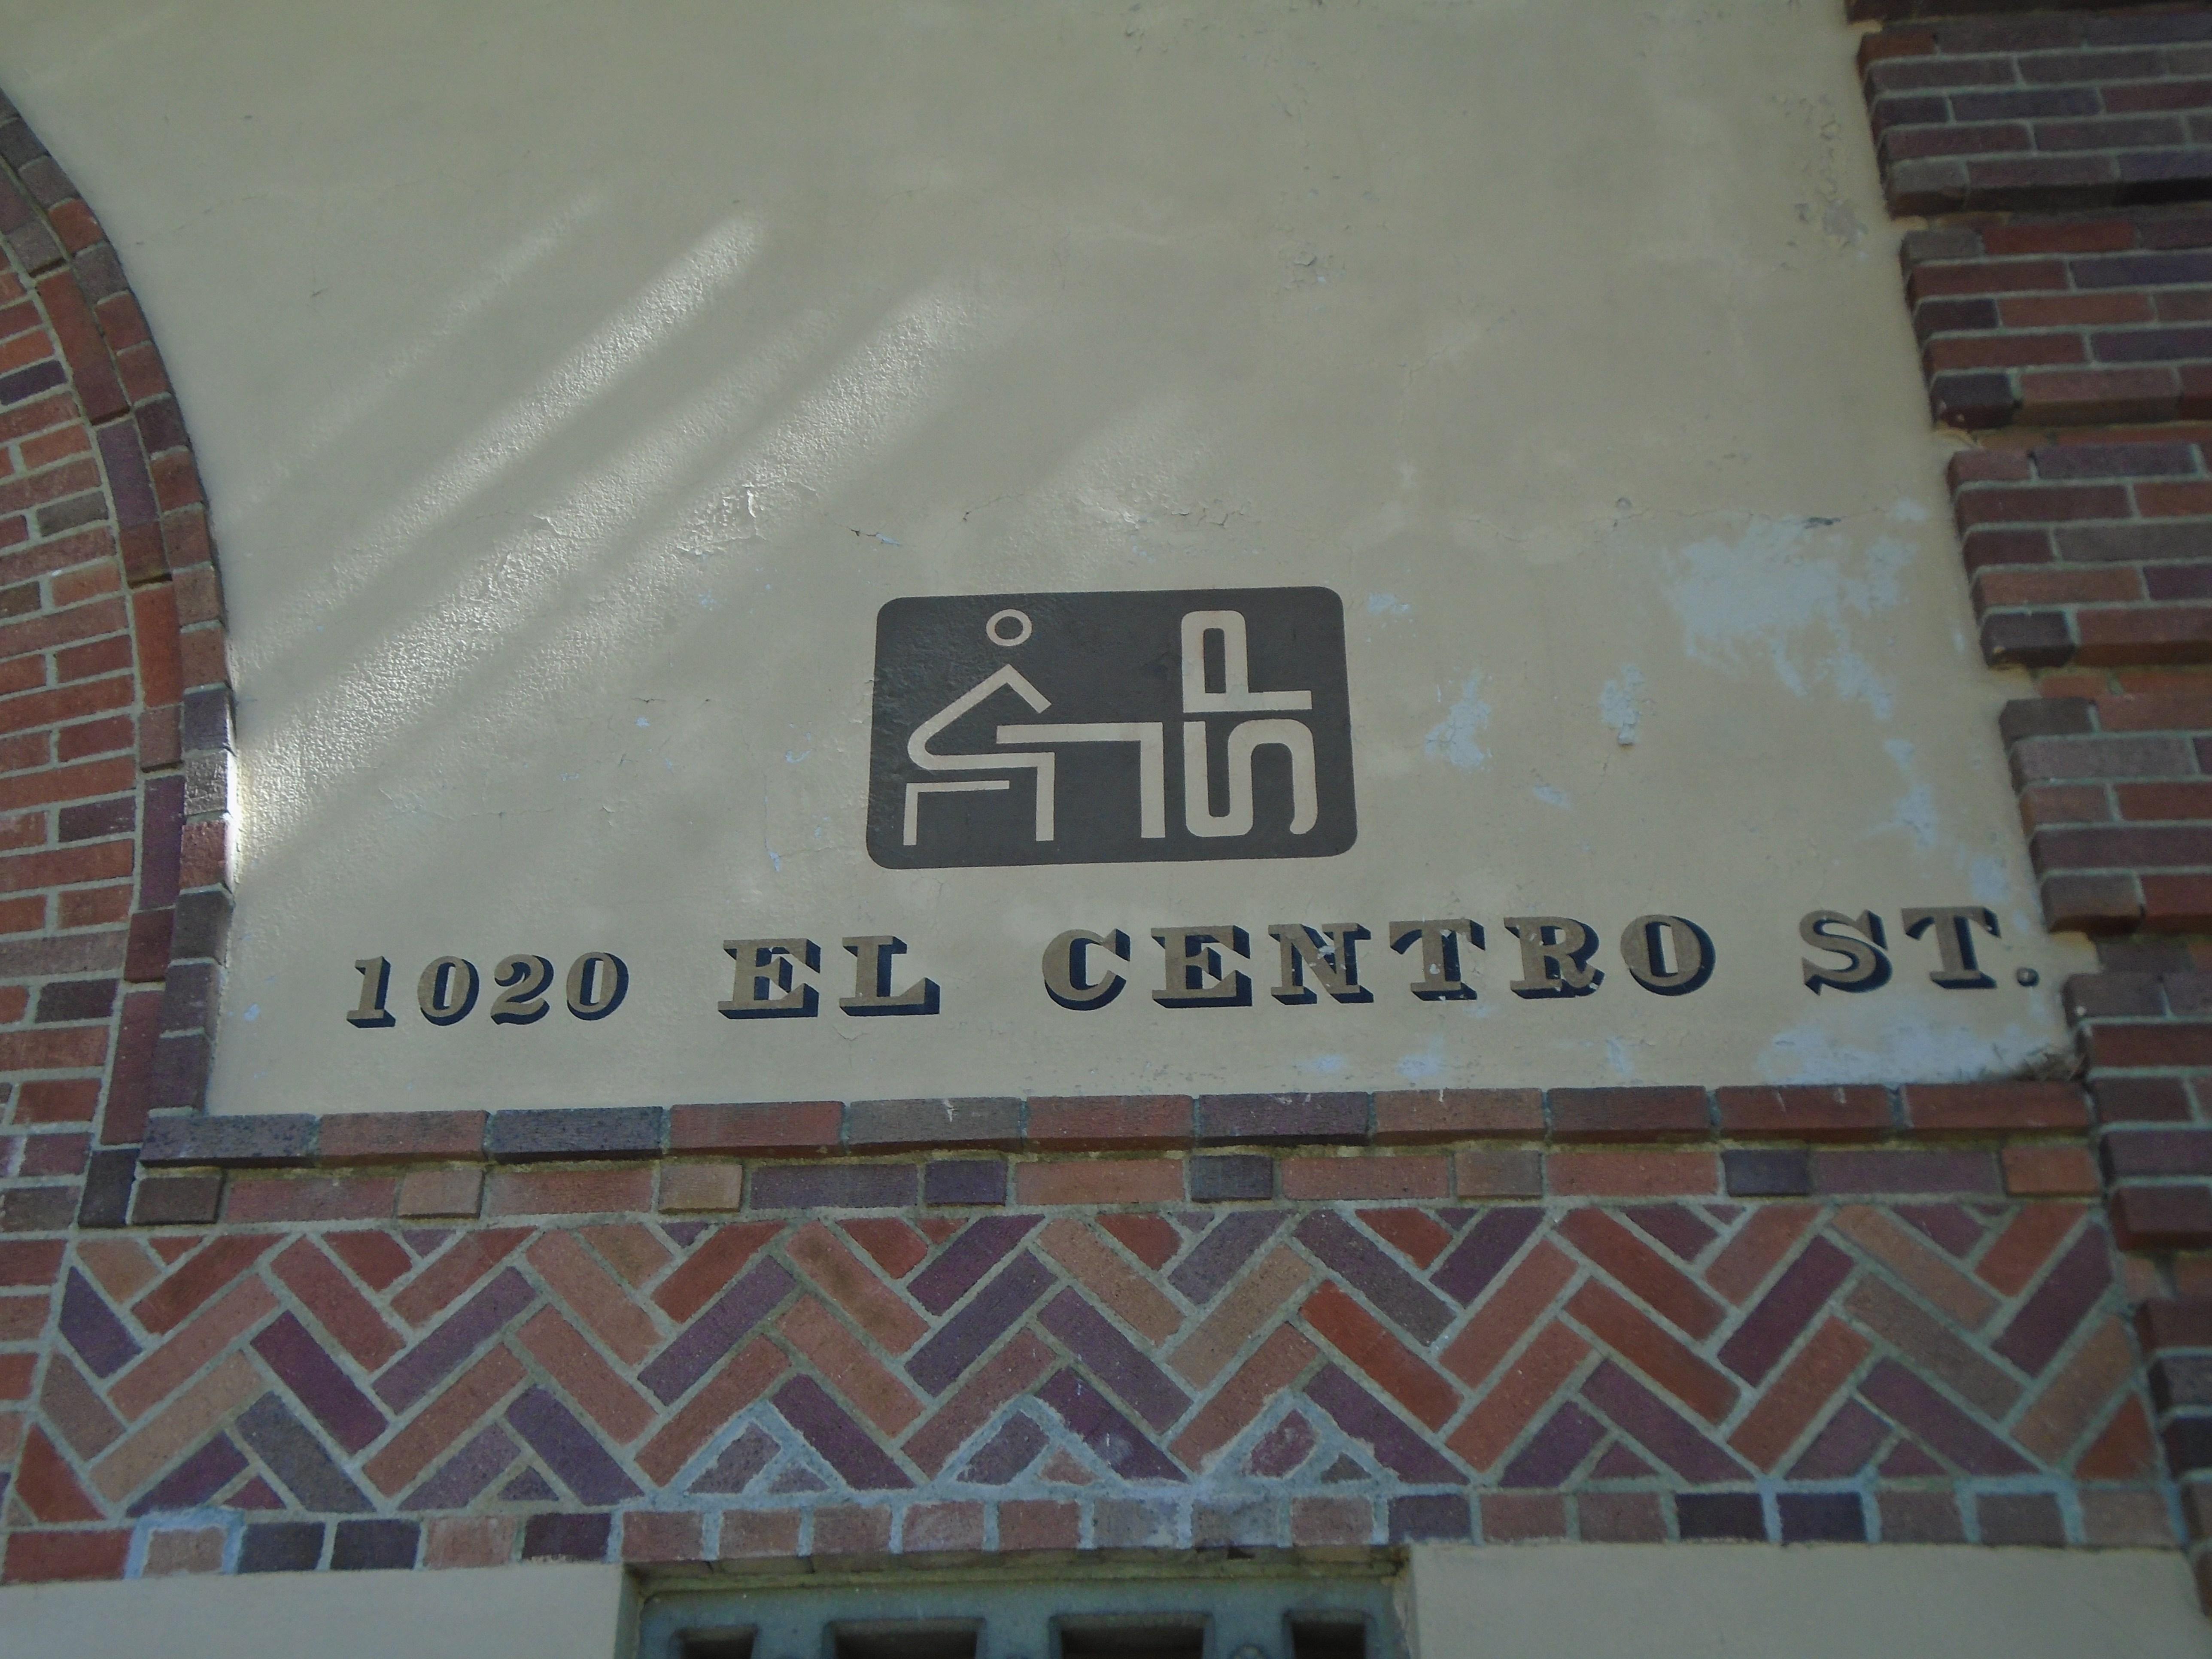 1020 El Centro Street